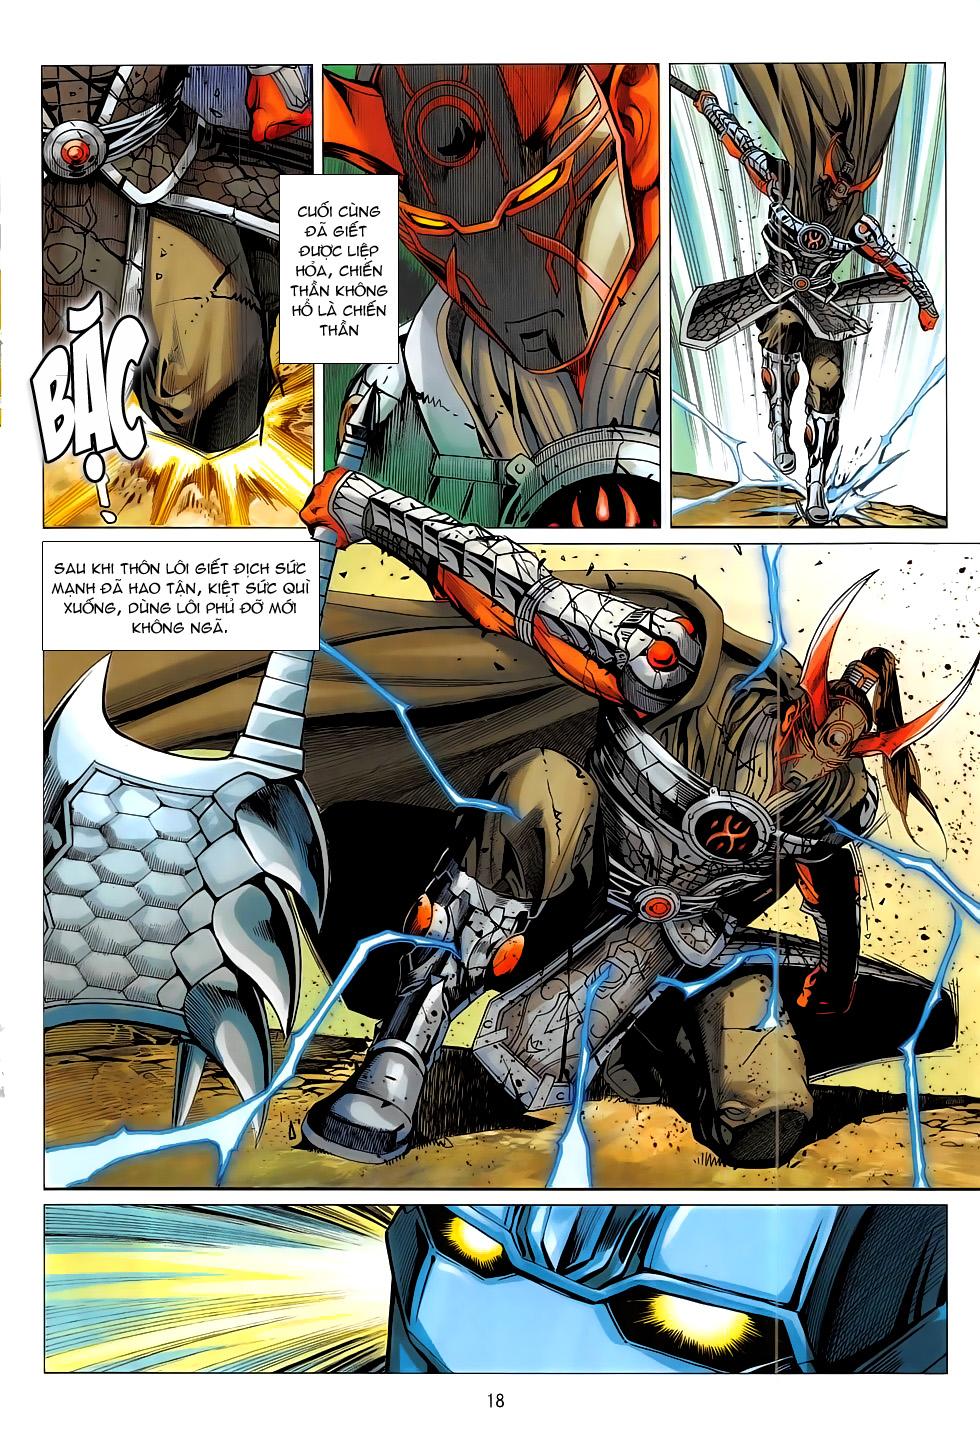 Chiến Phổ chap 19 - Trang 18